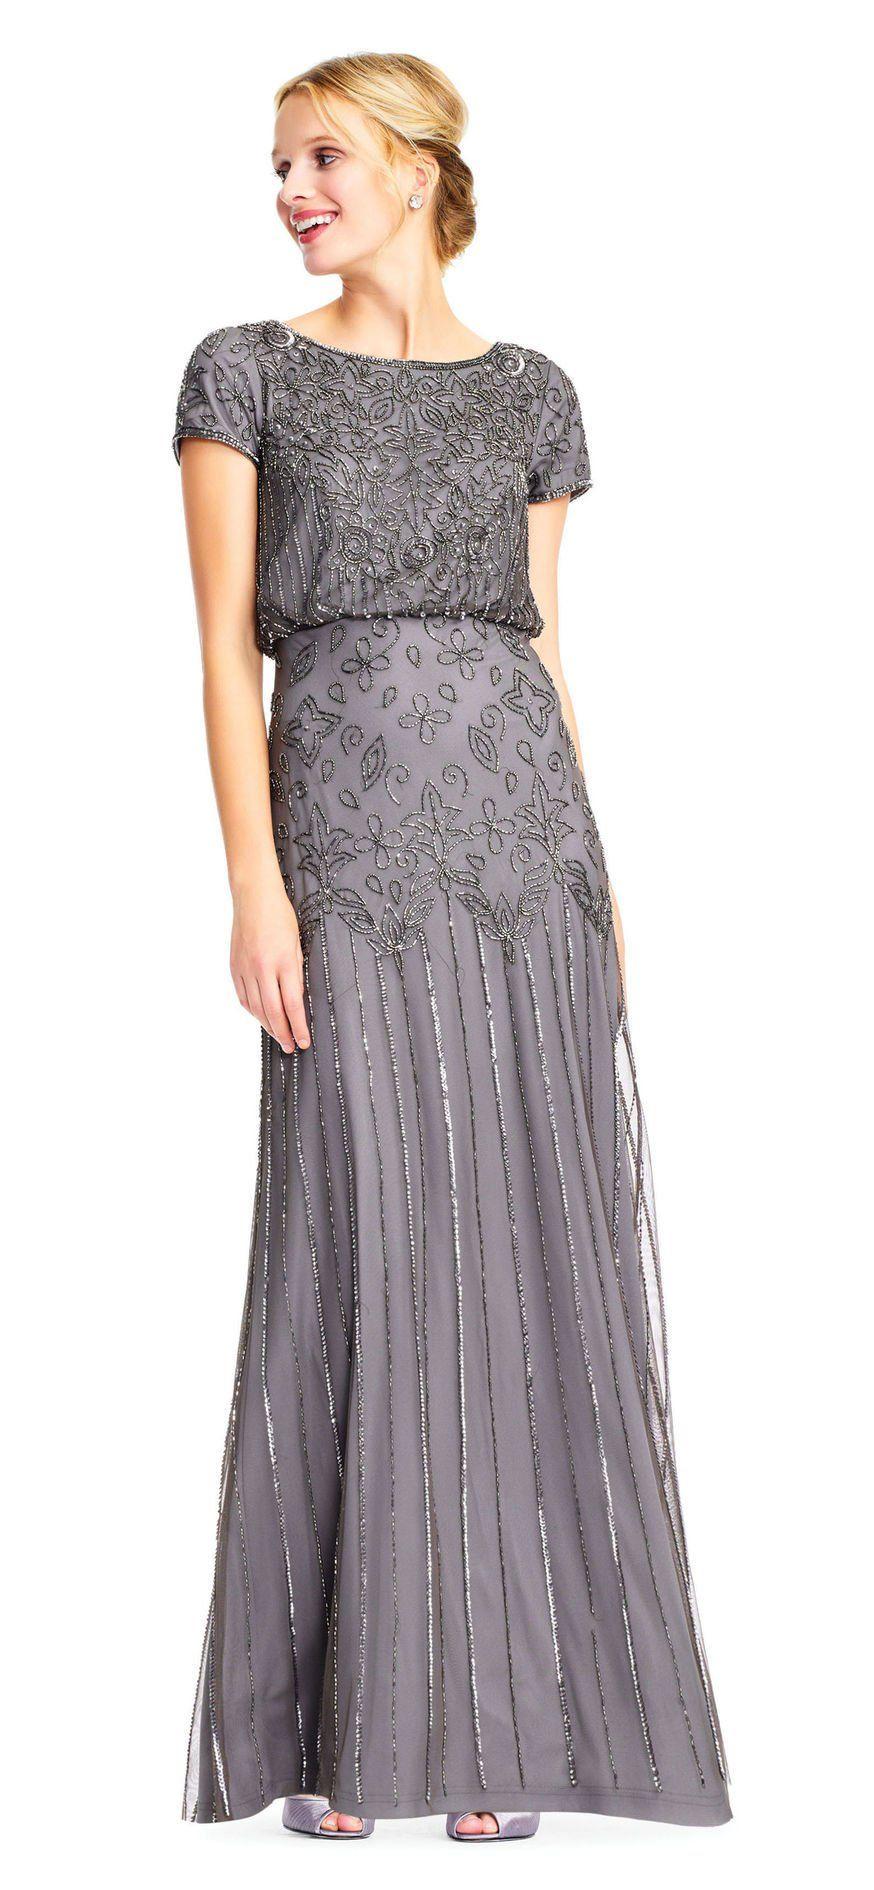 Short Sleeve Blouson Beaded Gown Beaded Bridesmaid Dress Beaded Gown Silver Grey Bridesmaid Dresses